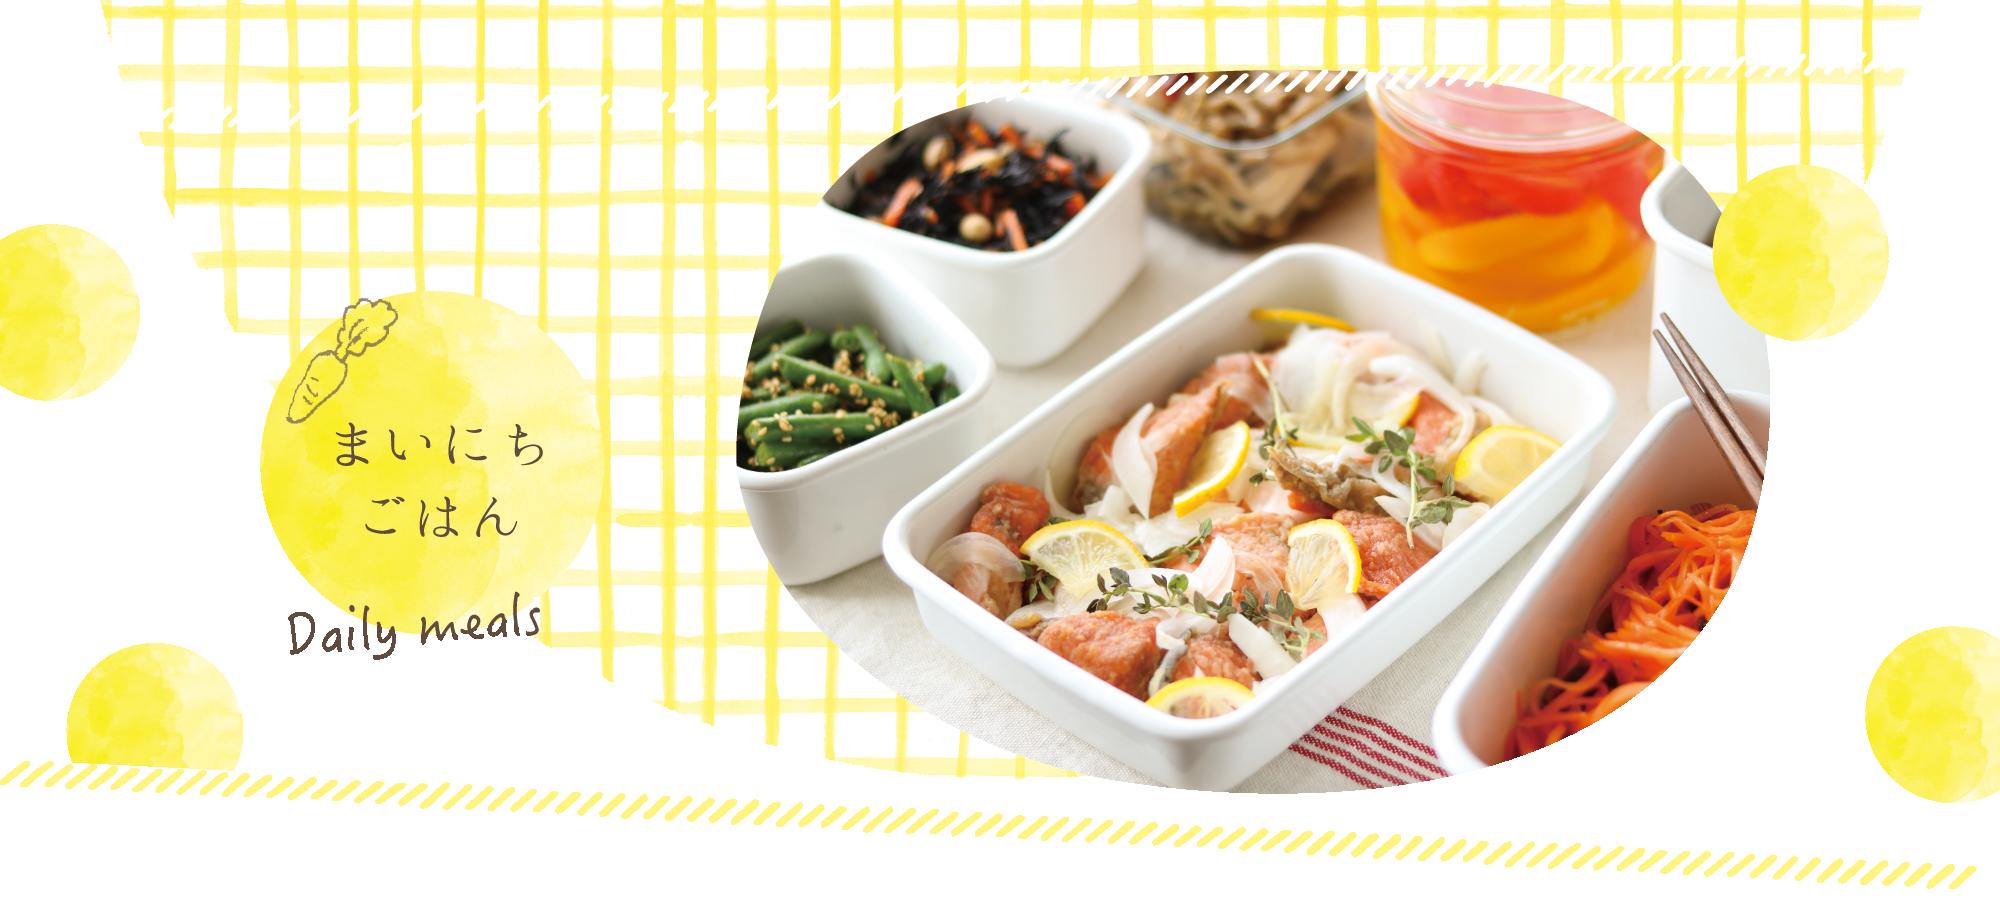 料理家 フードコーディネーター 管理栄養士 緑川鮎香オフィシャルサイト